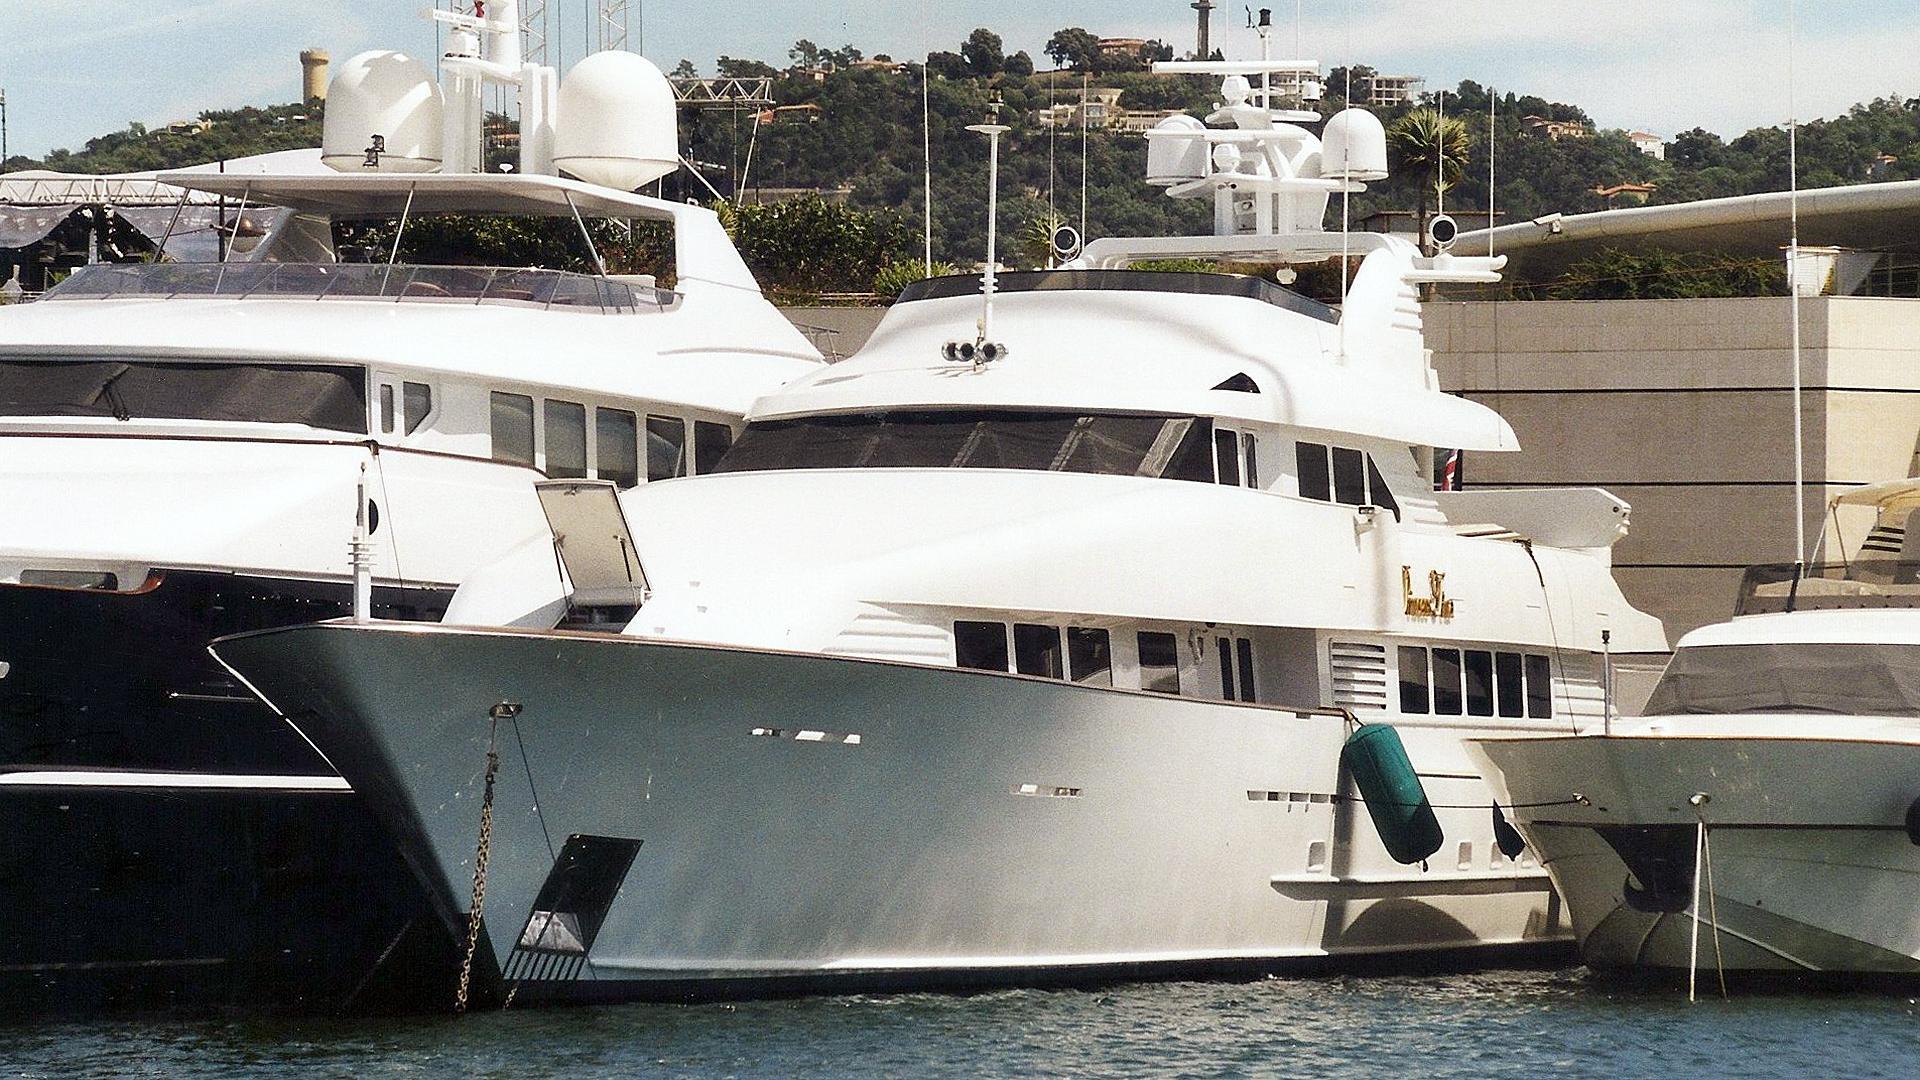 a-and-i-motor-yacht-broward-marine-1991-40m-bow